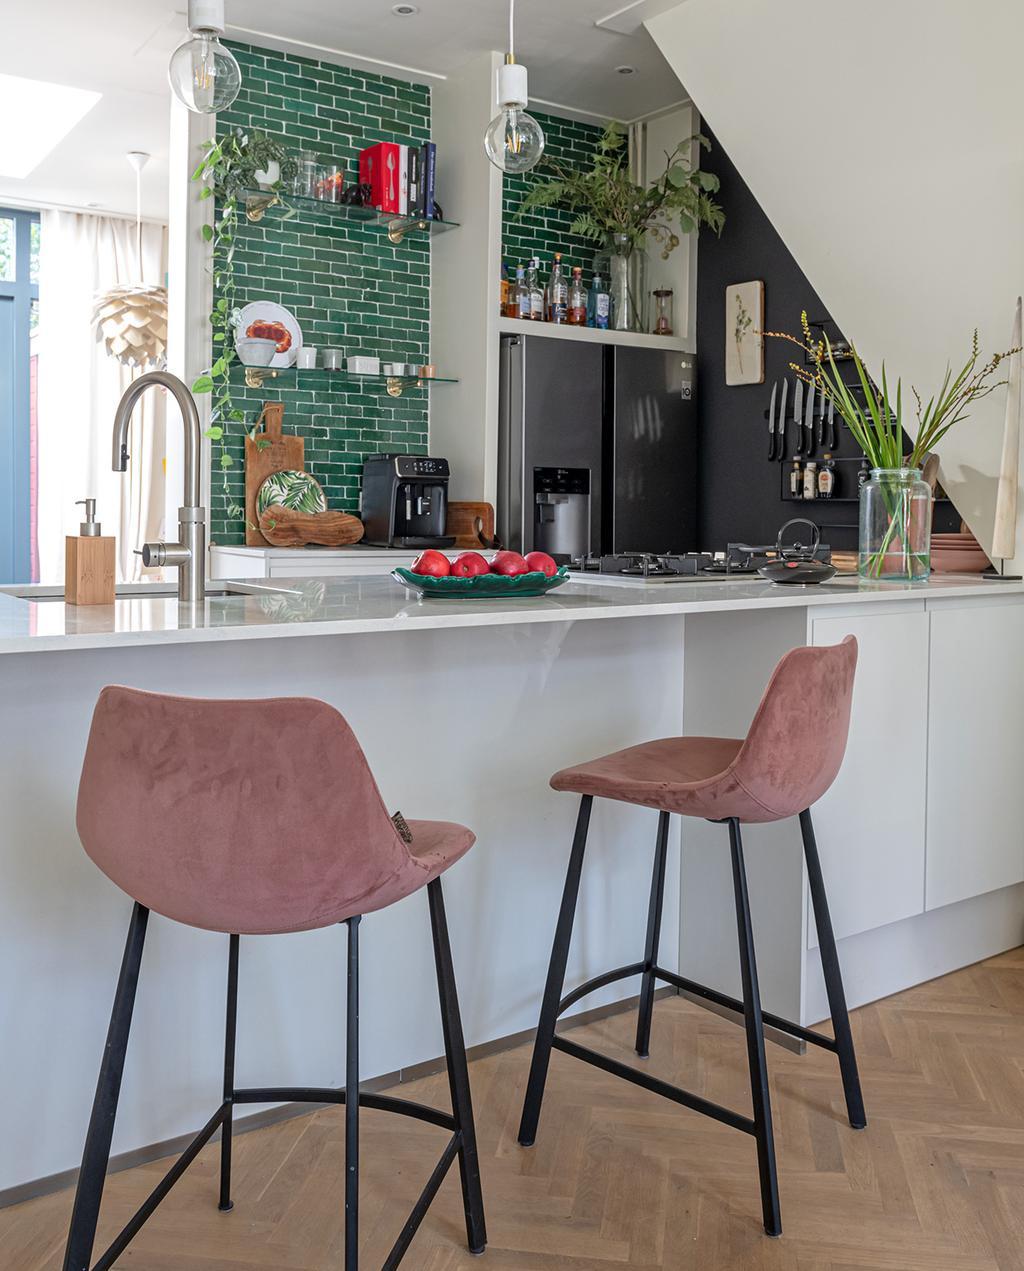 vtwonen special tiny houses | roze hoge barkrukken groene tegels